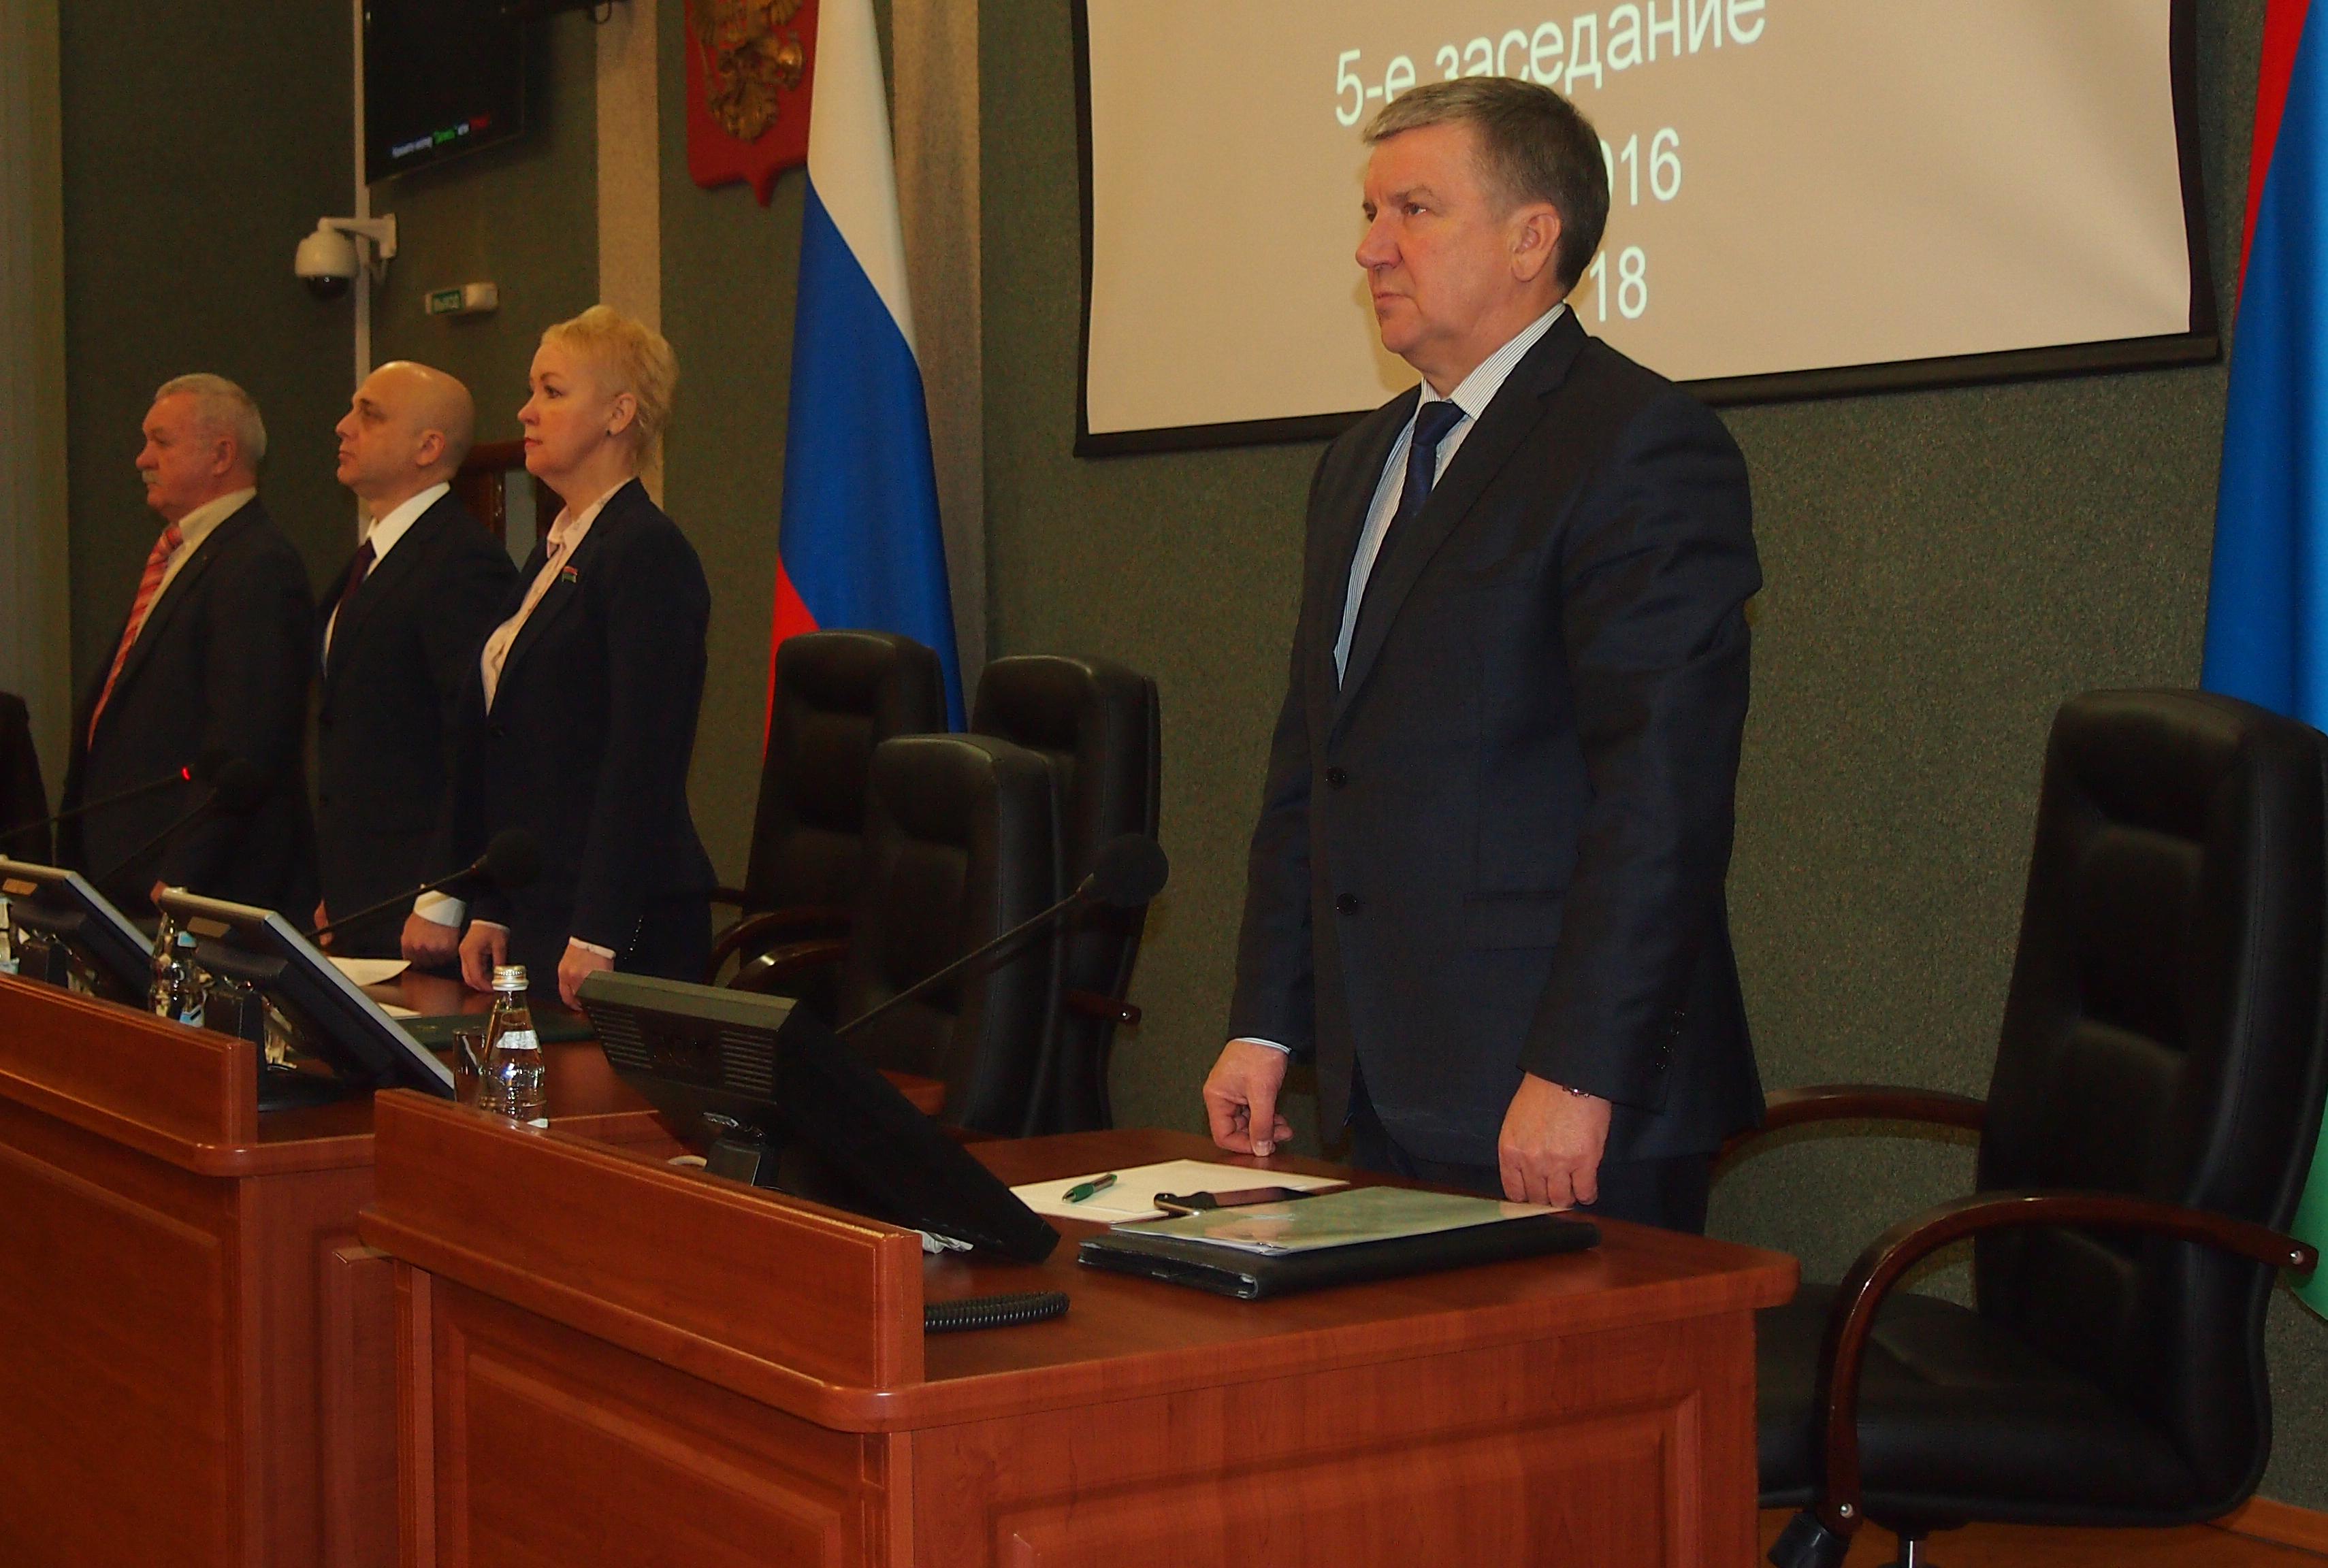 """Законопроект о приватизации """"Карбон-Шунгита"""" был внесен в парламент Карелии экс-губернатором Худилайненом. Фото: Валерий Поташов"""